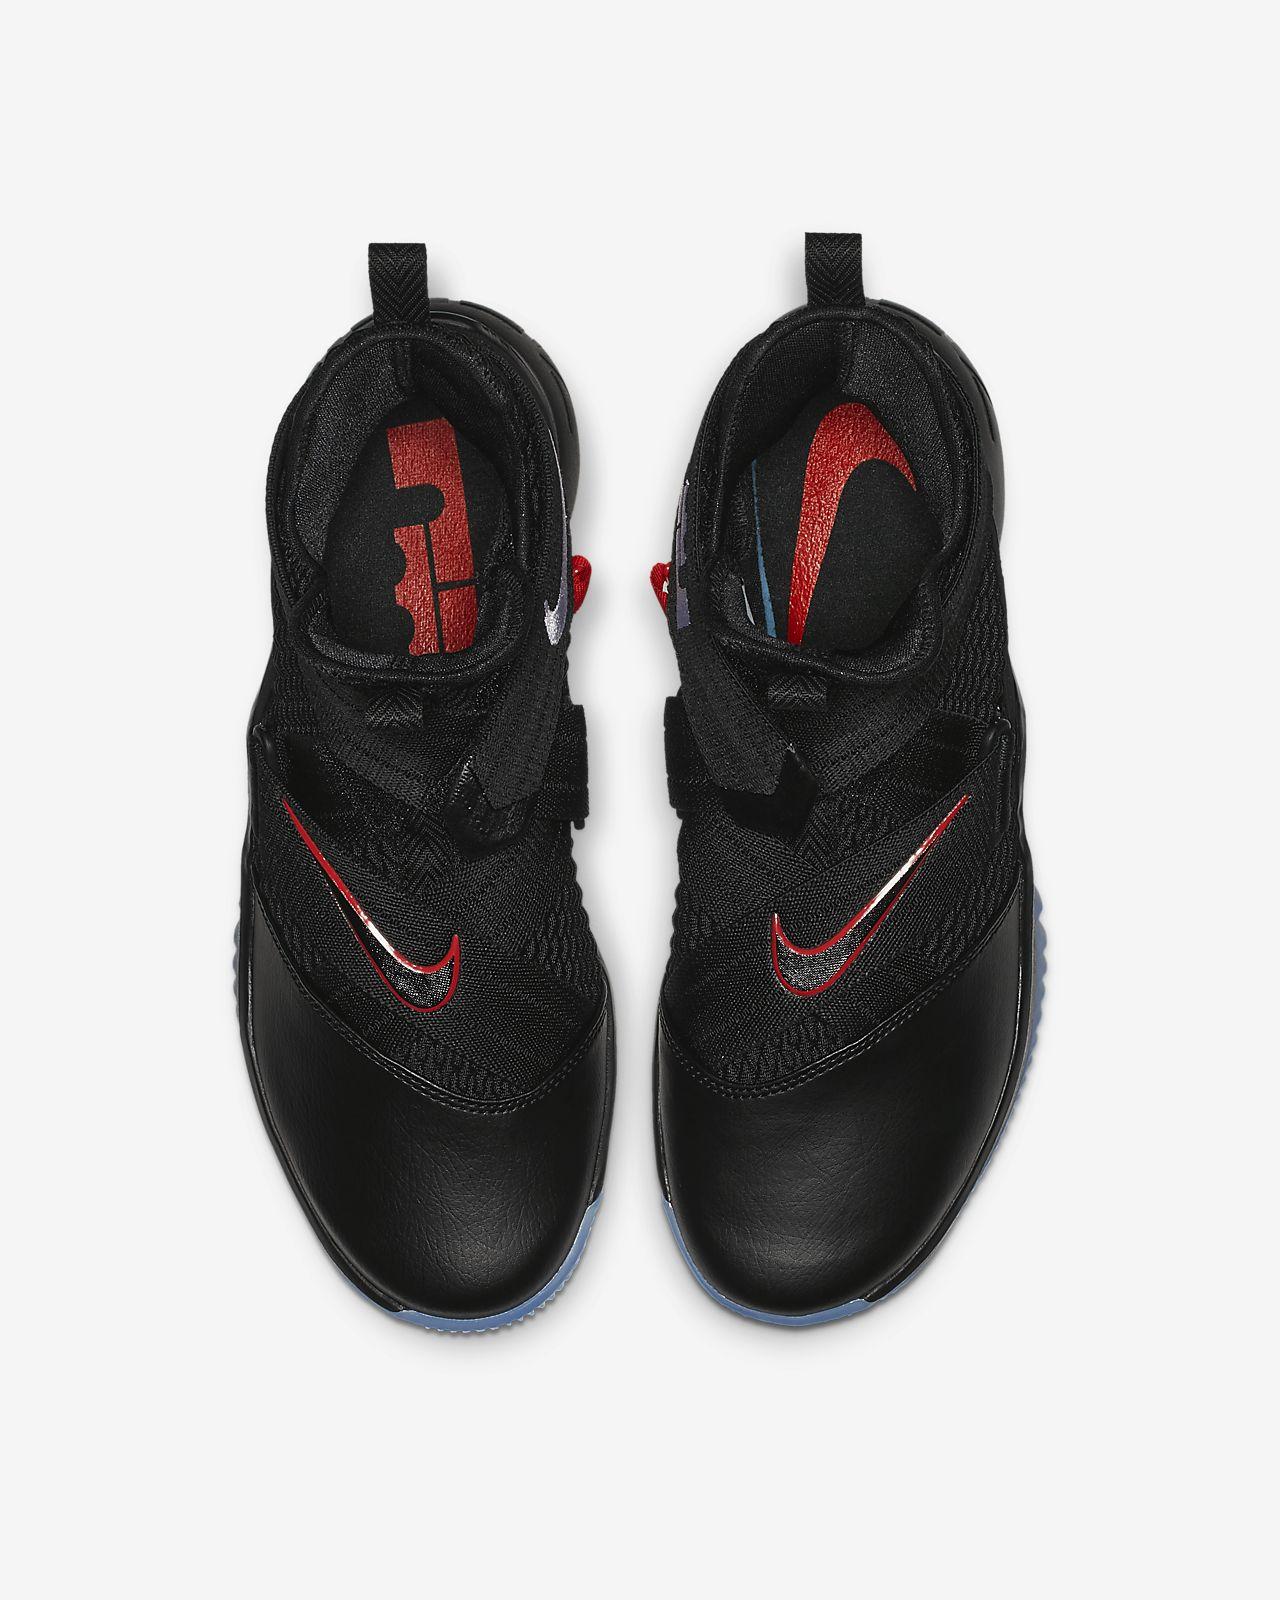 eba1cf7287d85 Calzado de básquetbol para hombre LeBron Soldier 12 FlyEase. Nike.com MX